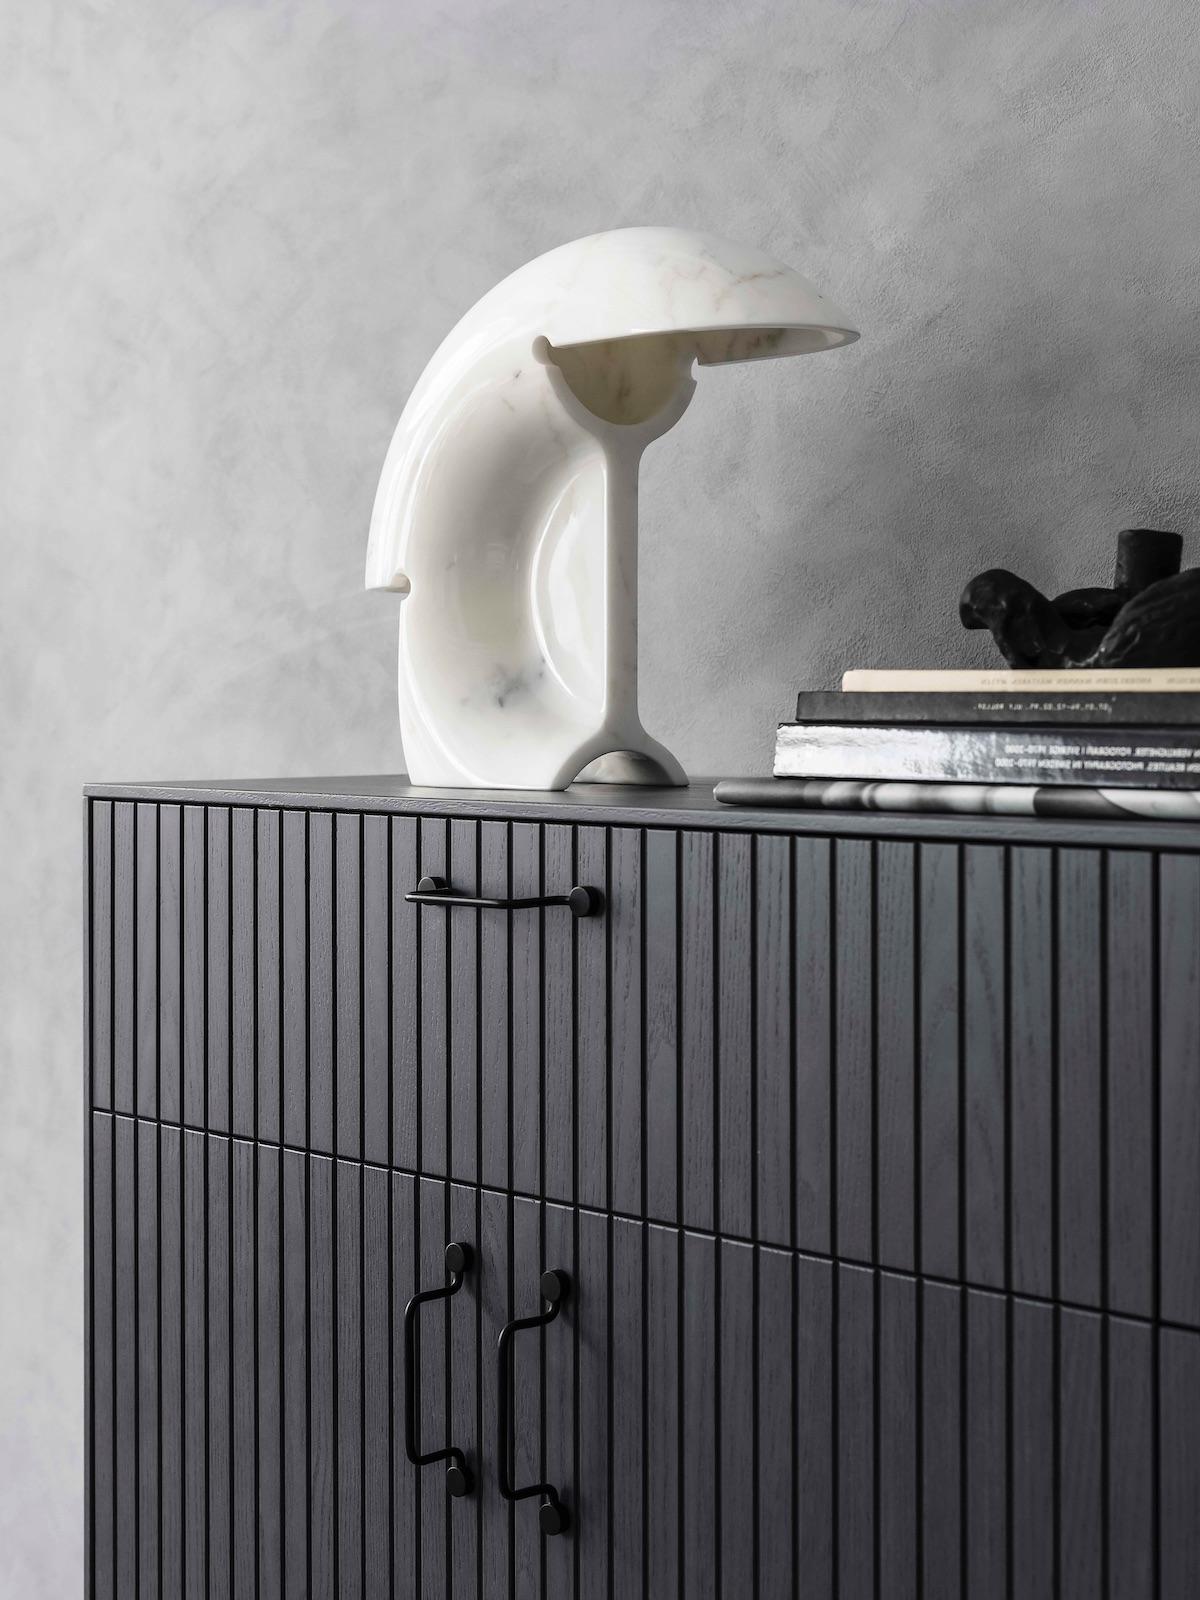 décoration loft hack ikea commode bois noir arty masculin déco